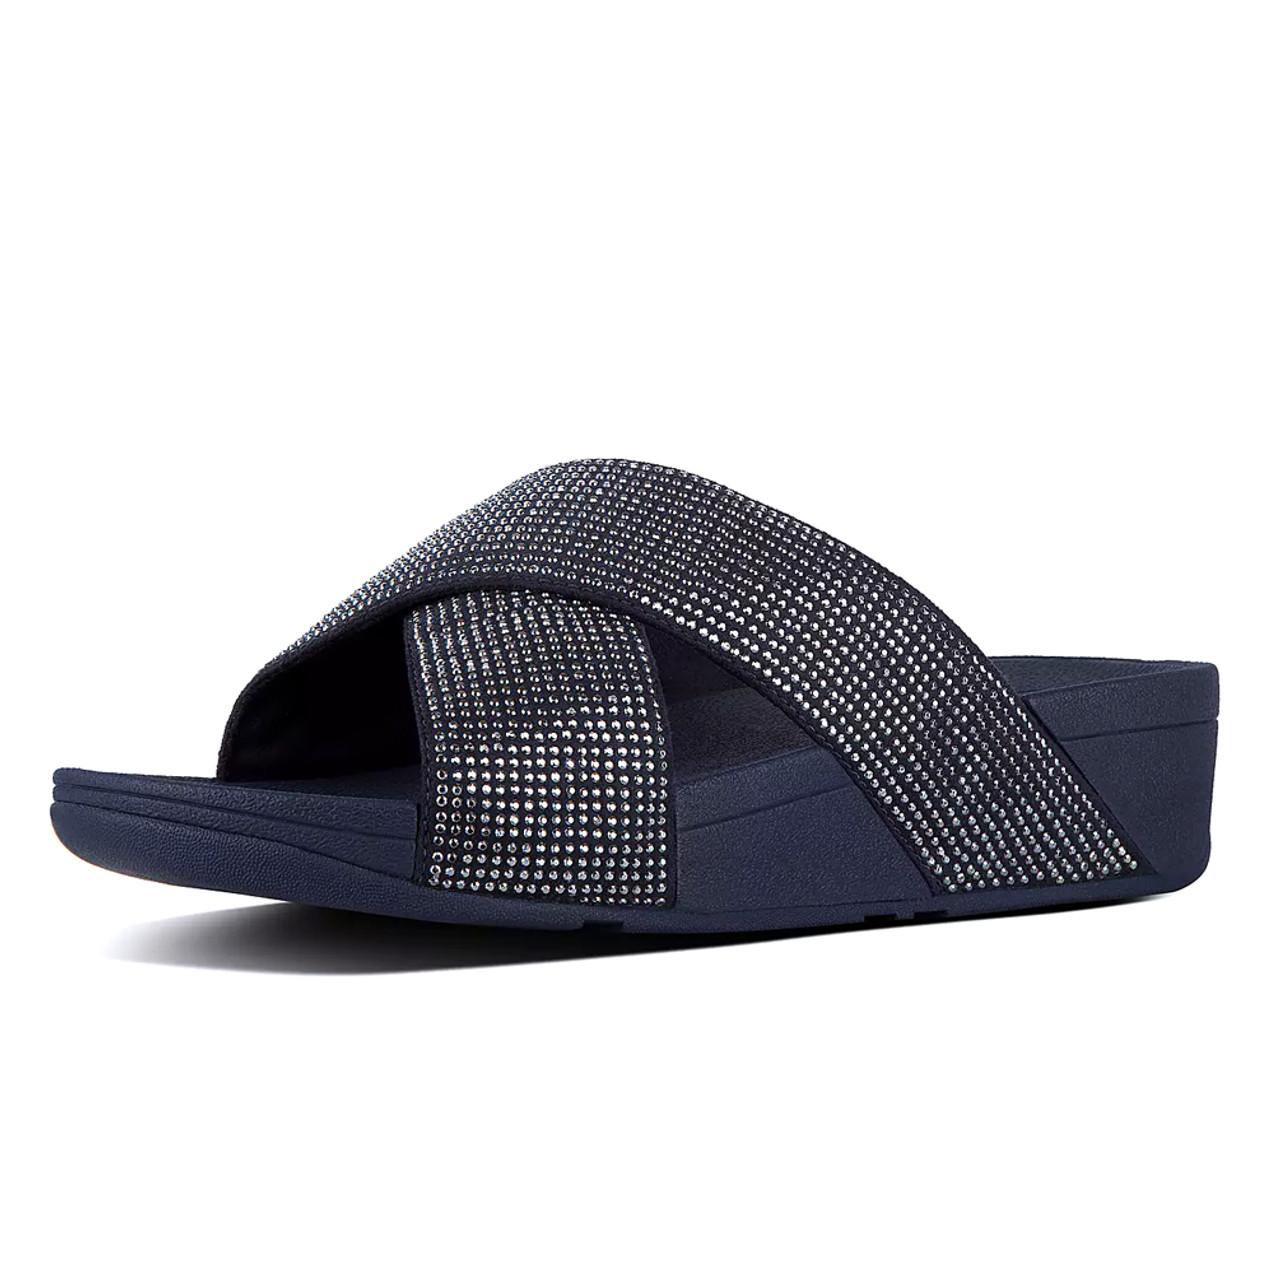 Fitflop Women's Ritzy Slide Sandal